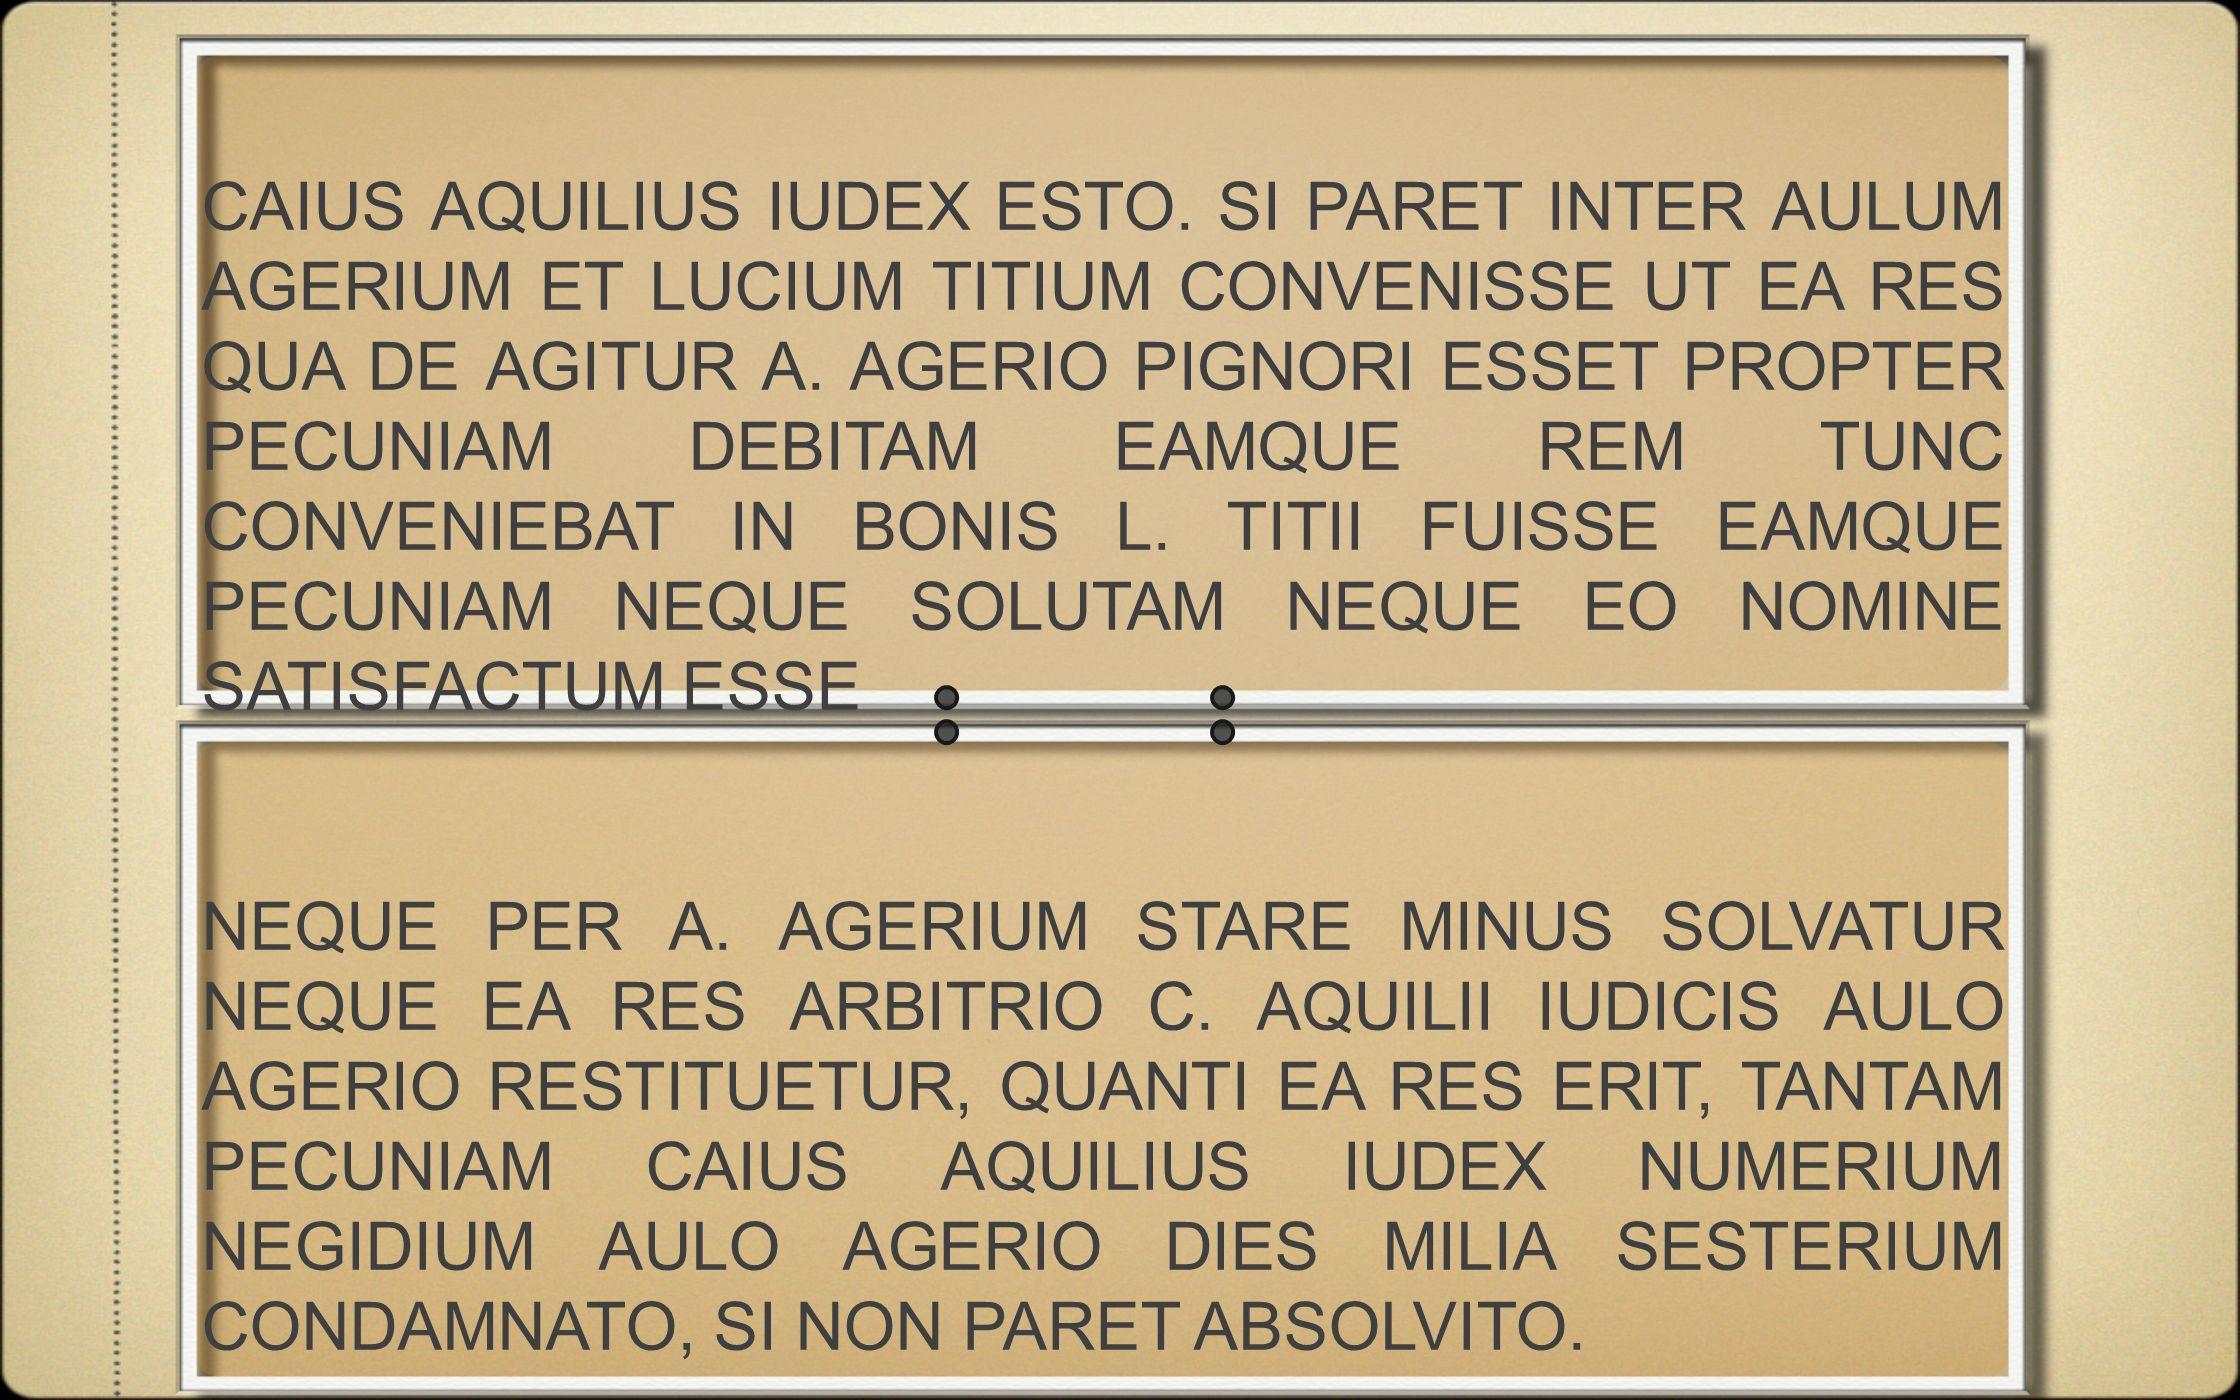 CAIUS AQUILIUS IUDEX ESTO. SI PARET INTER AULUM AGERIUM ET LUCIUM TITIUM CONVENISSE UT EA RES QUA DE AGITUR A. AGERIO PIGNORI ESSET PROPTER PECUNIAM D